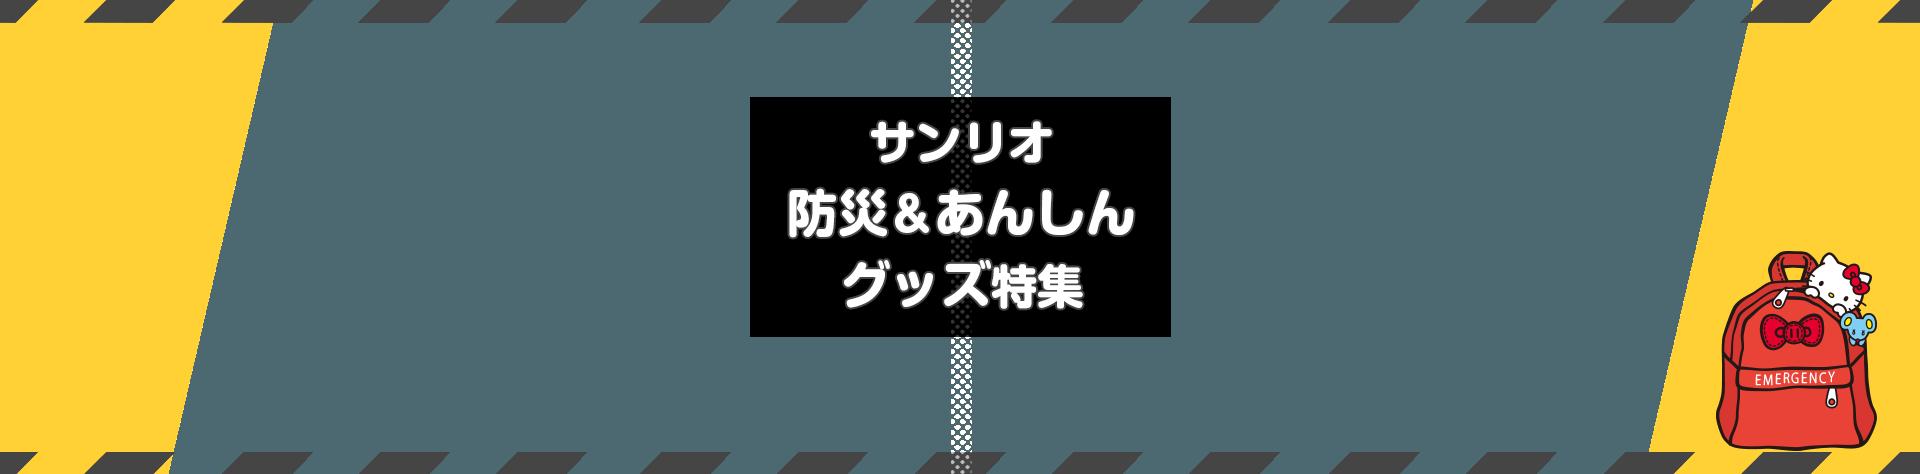 サンリオ 防災&あんしんグッズ特集